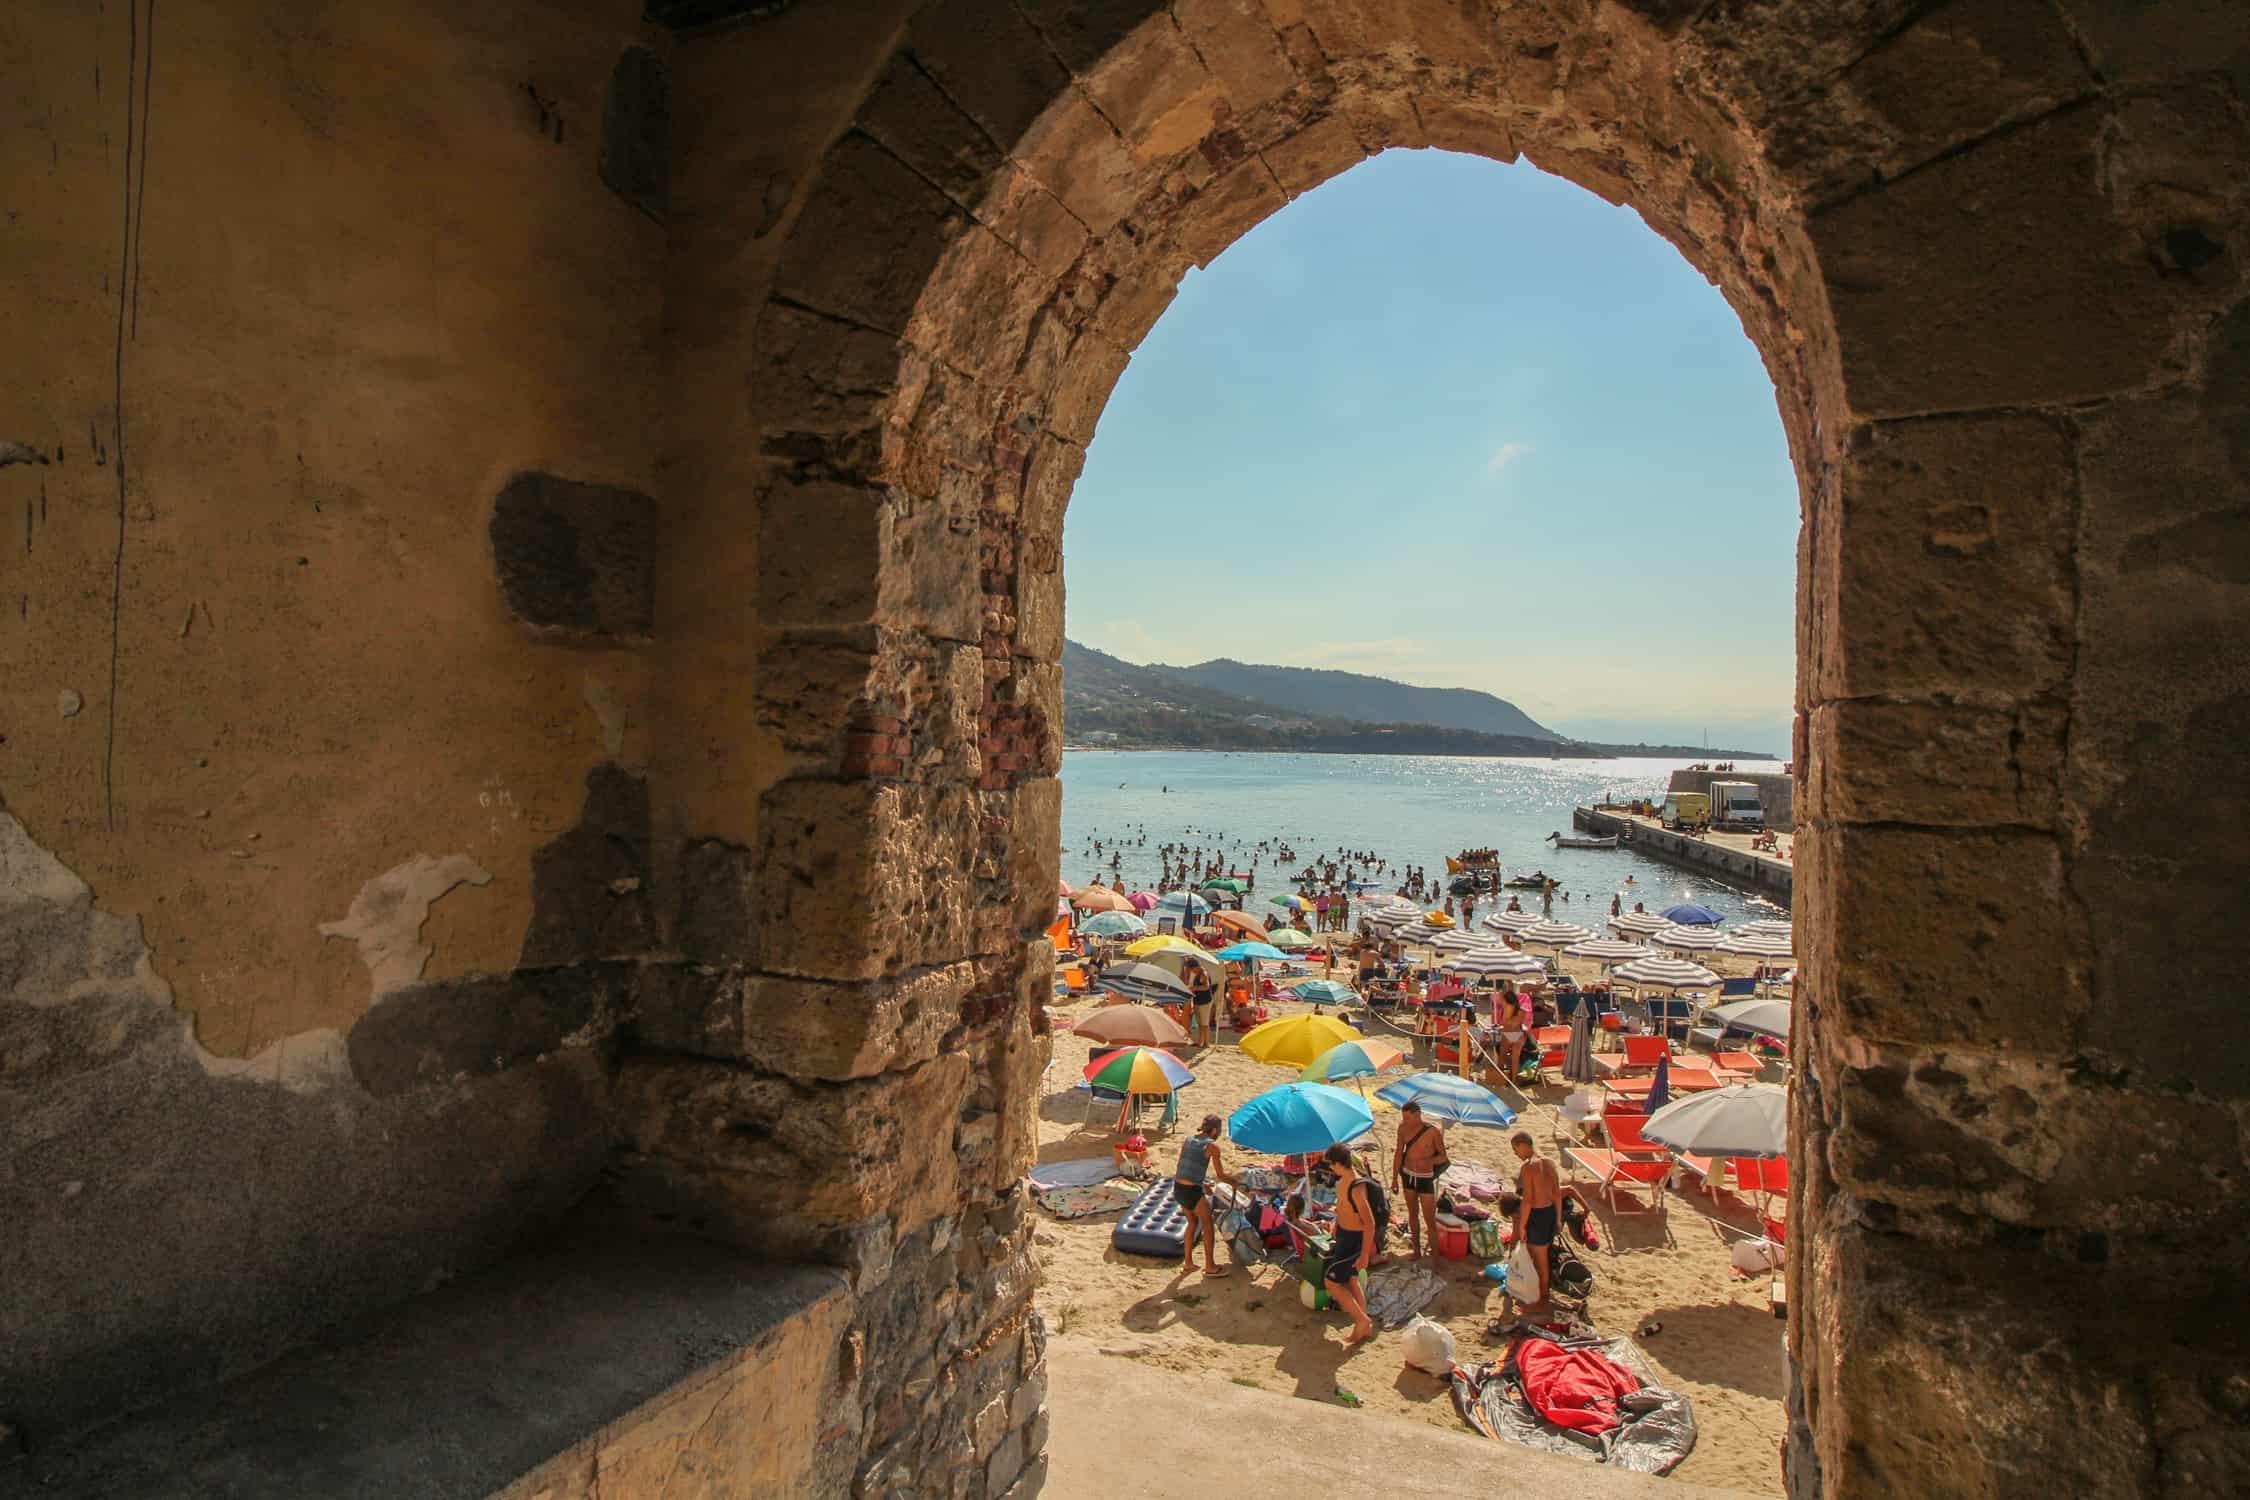 Blick durch einen Torbogen auf den Strand von Cefalù